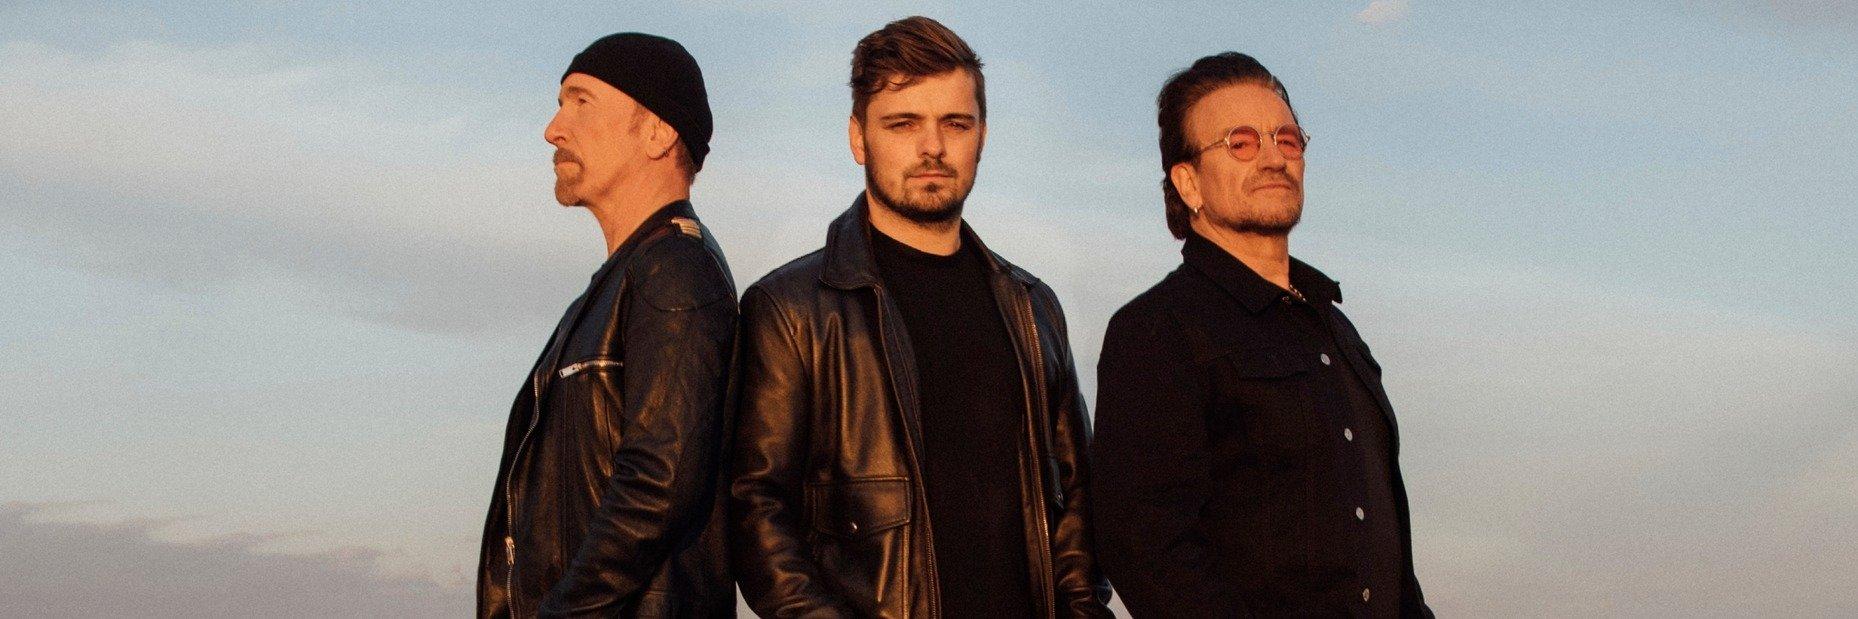 """Posłuchaj oficjalnej piosenki UEFA EURO 2020 """"We Are The People"""" w wykonaniu Martina Garrixa i Bono!"""